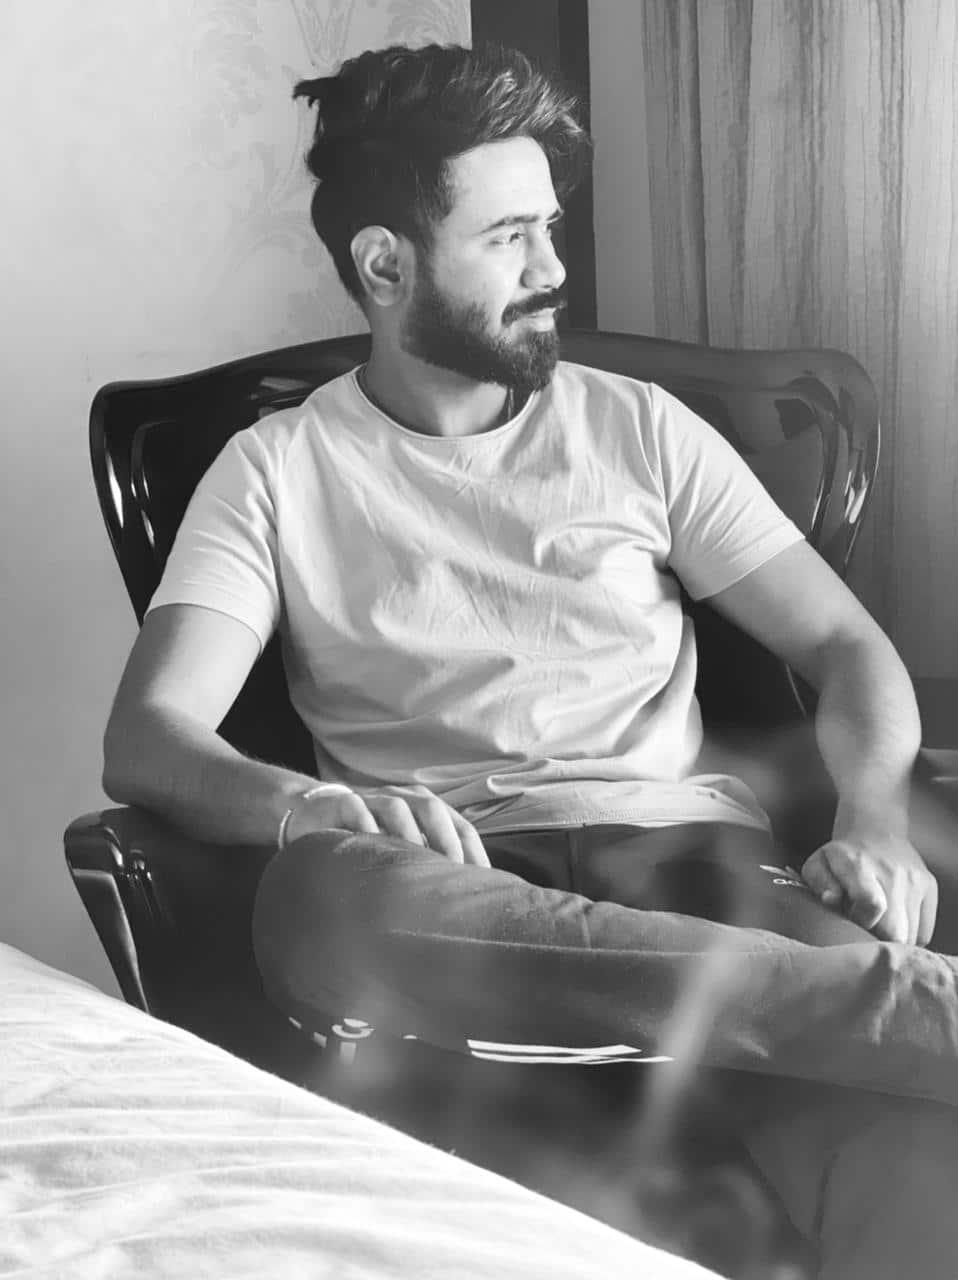 Neeraj Dhanetwal